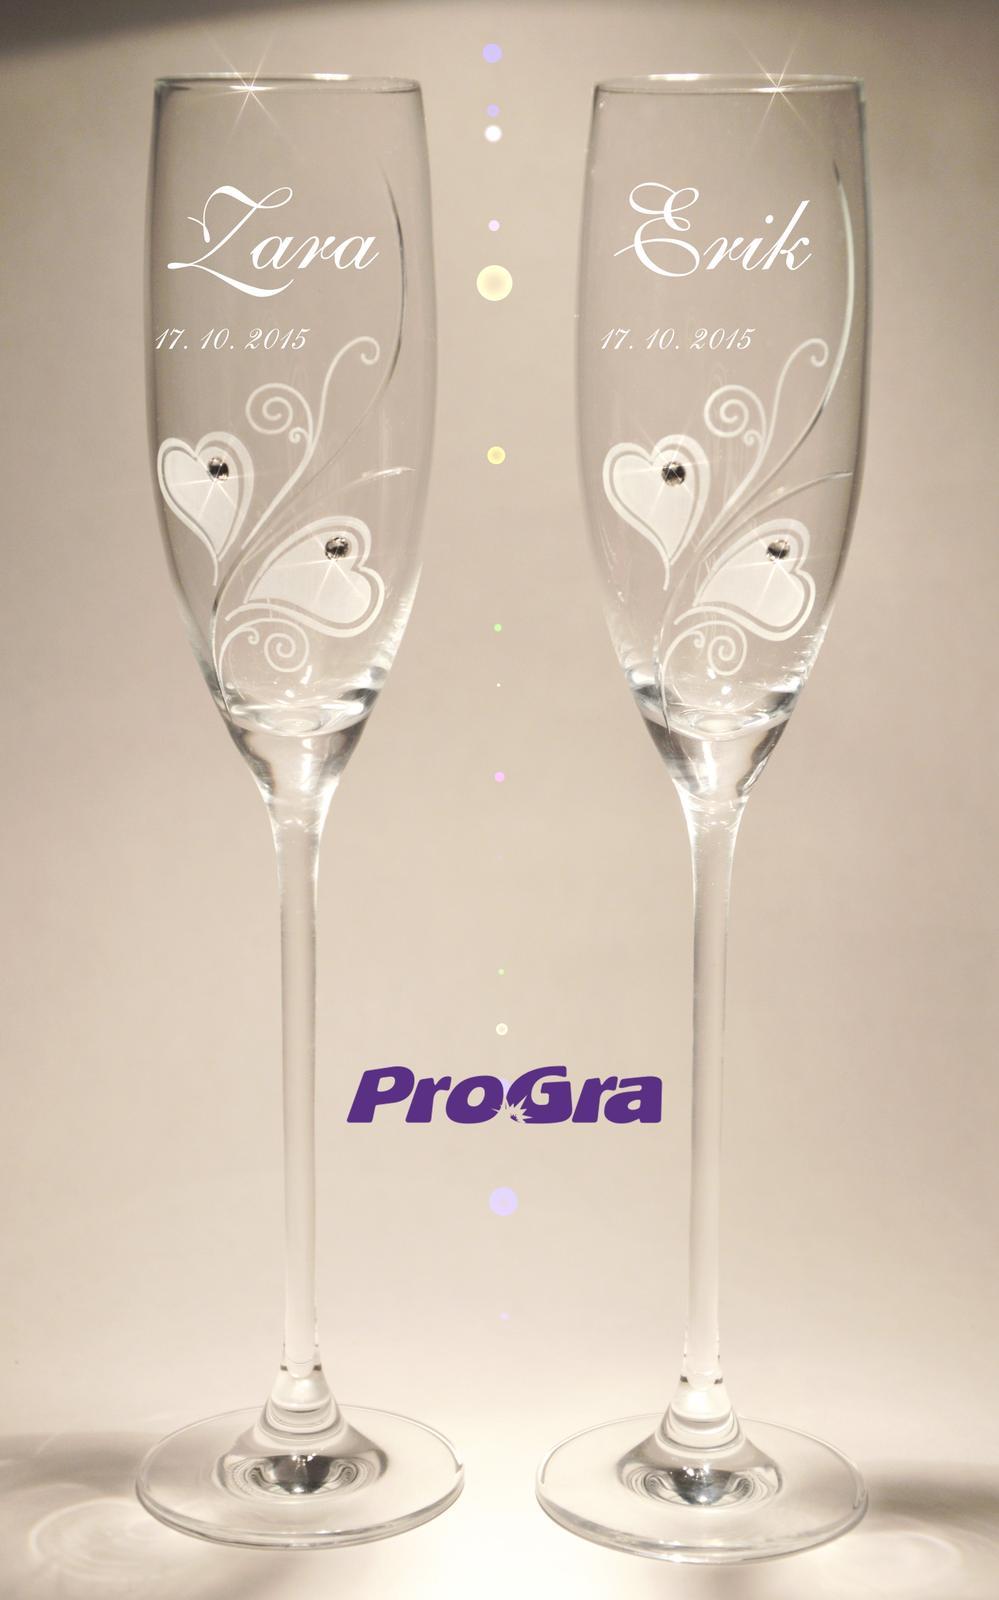 Svatební skleničky - Svatební skleničky Zara - NOVINKA v naší nabídce